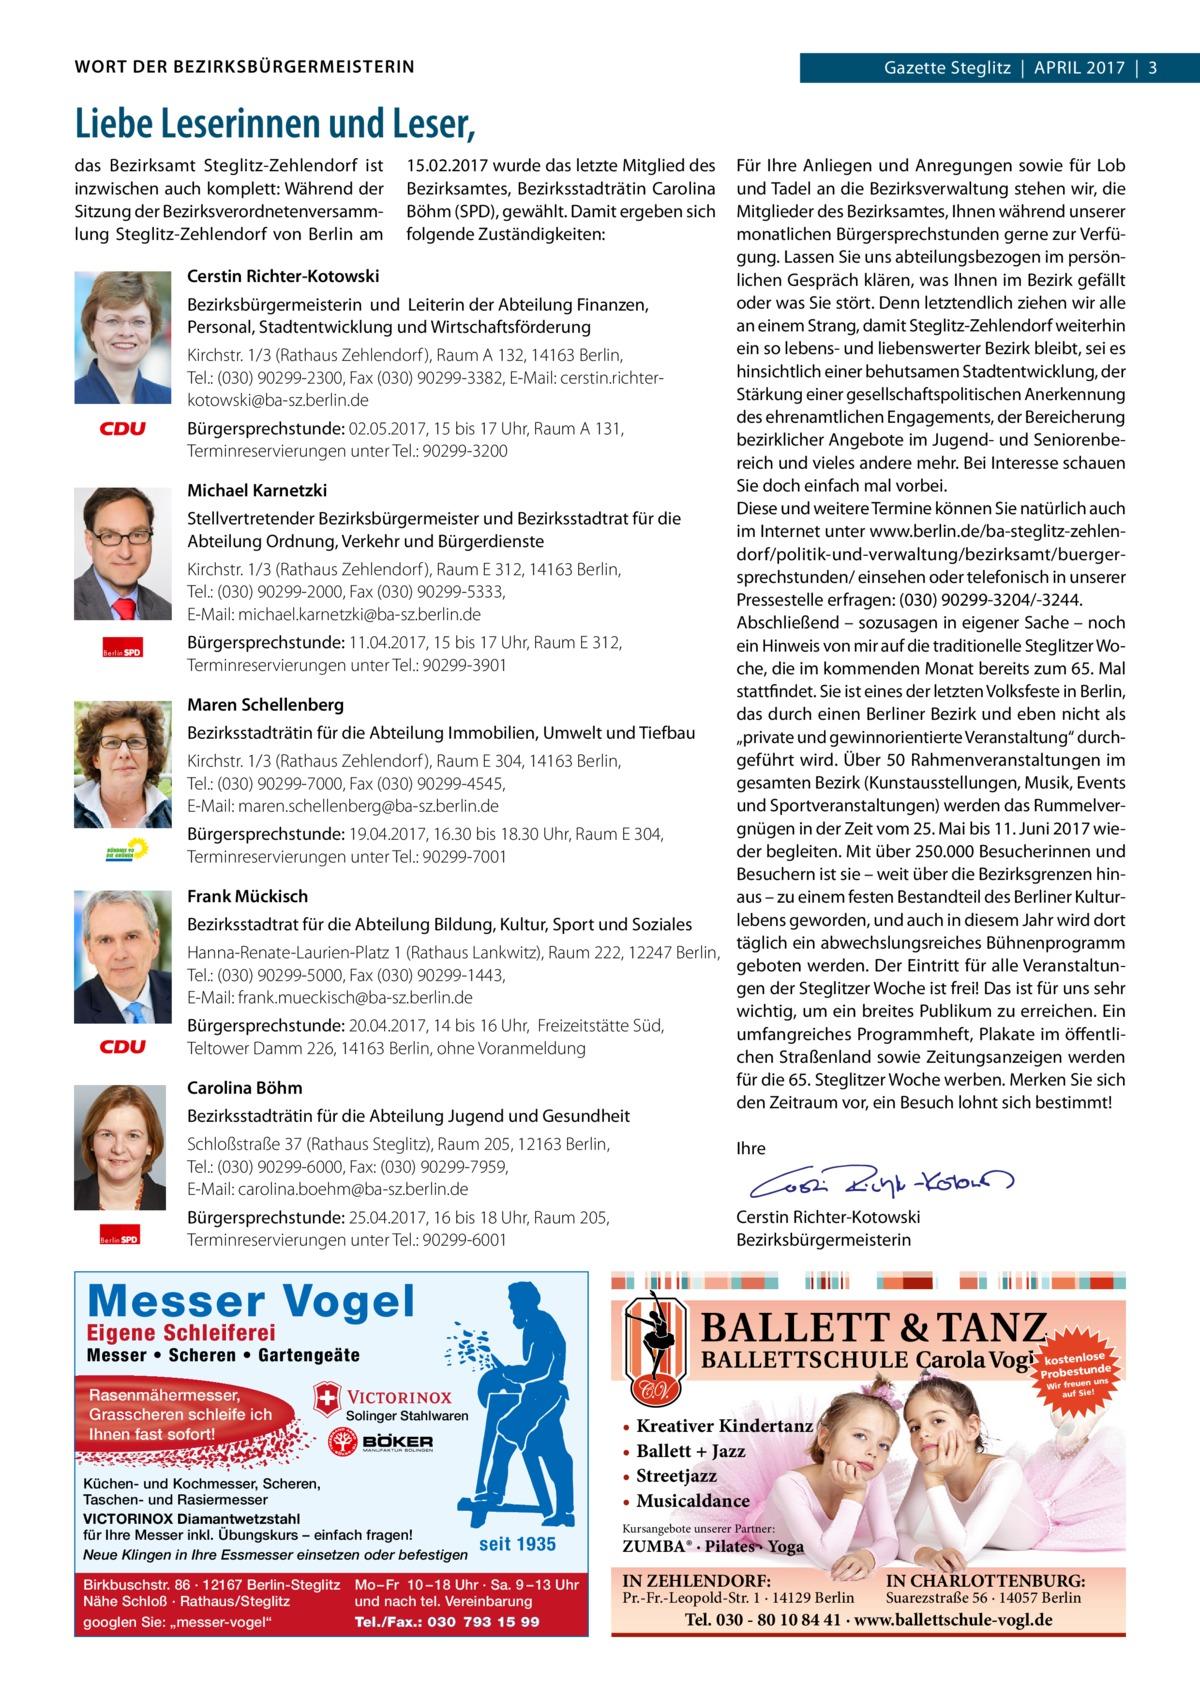 WORT DER BEZIRKSBÜRGERMEISTERIN  Gazette Steglitz April 2017 3  Liebe Leserinnen und Leser, das Bezirksamt Steglitz-Zehlendorf ist inzwischen auch komplett: Während der Sitzung der Bezirksverordnetenversammlung Steglitz-Zehlendorf von Berlin am  Berlin  Berlin  15.02.2017 wurde das letzte Mitglied des Bezirksamtes, Bezirksstadträtin Carolina Böhm (SPD), gewählt. Damit ergeben sich folgende Zuständigkeiten:  Für Ihre Anliegen und Anregungen sowie für Lob und Tadel an die Bezirksverwaltung stehen wir, die Mitglieder des Bezirksamtes, Ihnen während unserer monatlichen Bürgersprechstunden gerne zur Verfügung. Lassen Sie uns abteilungsbezogen im persönCerstin Richter-Kotowski lichen Gespräch klären, was Ihnen im Bezirk gefällt oder was Sie stört. Denn letztendlich ziehen wir alle Bezirksbürgermeisterin und Leiterin der Abteilung Finanzen, an einem Strang, damit Steglitz-Zehlendorf weiterhin Personal, Stadtentwicklung und Wirtschaftsförderung ein so lebens- und liebenswerter Bezirk bleibt, sei es Kirchstr.1/3 (Rathaus Zehlendorf ), RaumA132, 14163Berlin, hinsichtlich einer behutsamen Stadtentwicklung, der Tel.:(030)90299-2300, Fax (030) 90299-3382, E-Mail: cerstin.richterStärkung einer gesellschaftspolitischen Anerkennung kotowski@ba-sz.berlin.de des ehrenamtlichen Engagements, der Bereicherung Bürgersprechstunde: 02.05.2017, 15 bis 17Uhr, RaumA131, bezirklicher Angebote im Jugend- und SeniorenbeTerminreservierungen unter Tel.:90299-3200 reich und vieles andere mehr. Bei Interesse schauen Sie doch einfach mal vorbei. Michael Karnetzki Diese und weitere Termine können Sie natürlich auch Stellvertretender Bezirksbürgermeister und Bezirksstadtrat für die im Internet unter www.berlin.de/ba-steglitz-zehlenAbteilung Ordnung, Verkehr und Bürgerdienste dorf/politik-und-verwaltung/bezirksamt/buergerKirchstr.1/3 (Rathaus Zehlendorf ), RaumE312, 14163Berlin, sprechstunden/ einsehen oder telefonisch in unserer Tel.: (030) 90299-2000, Fax (030) 90299-5333, Pressestelle erfragen: (030)